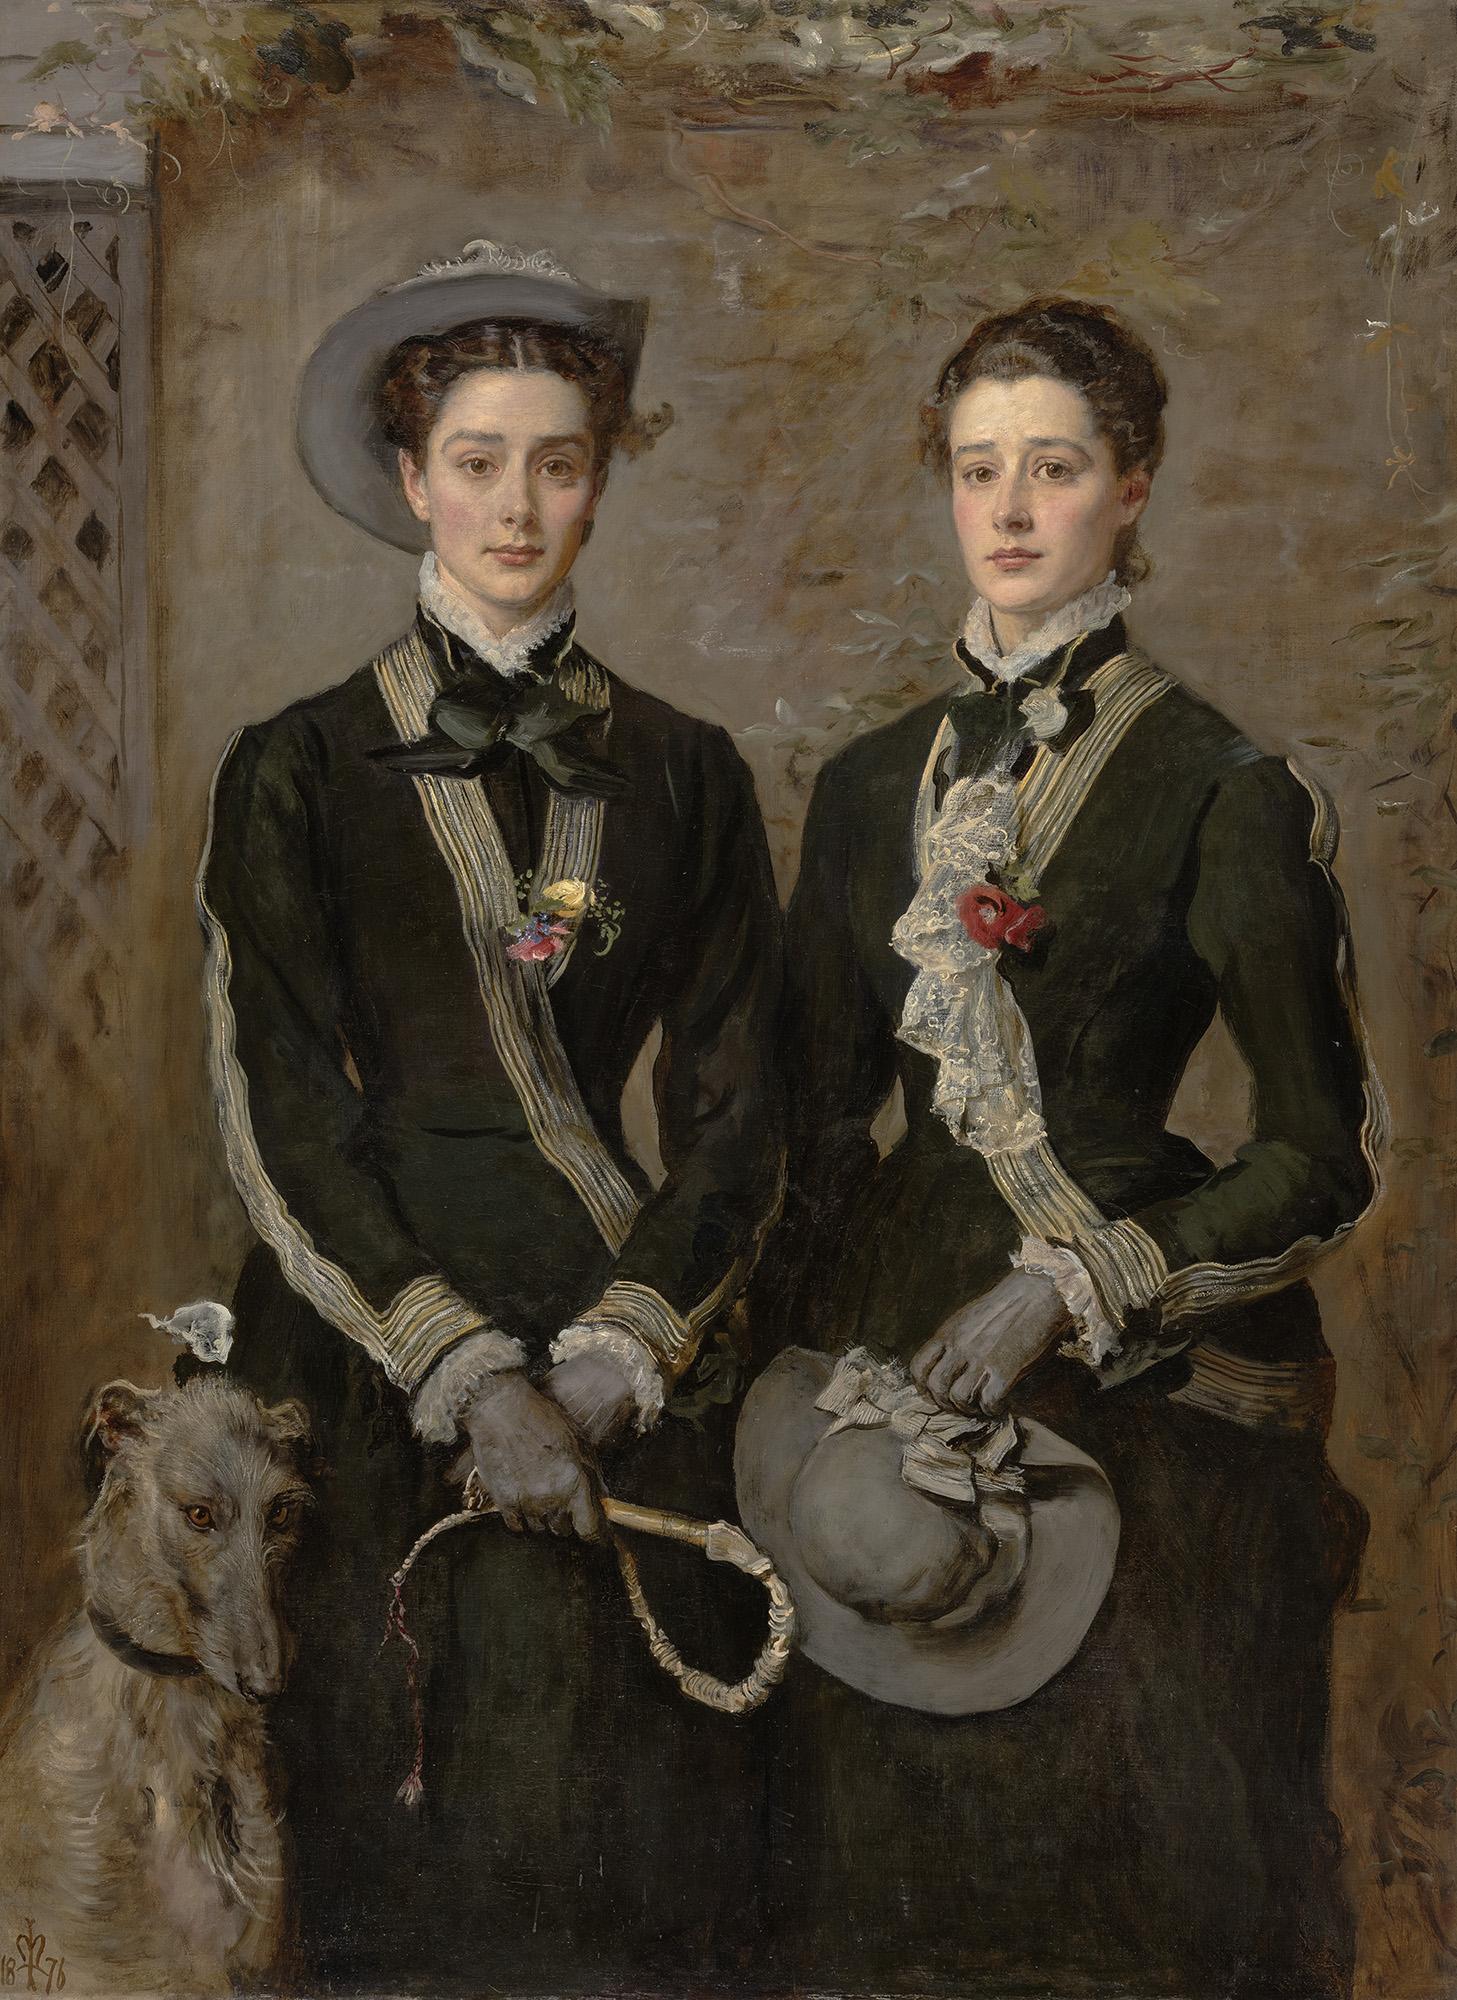 John Everett Millais - The twins, 1876